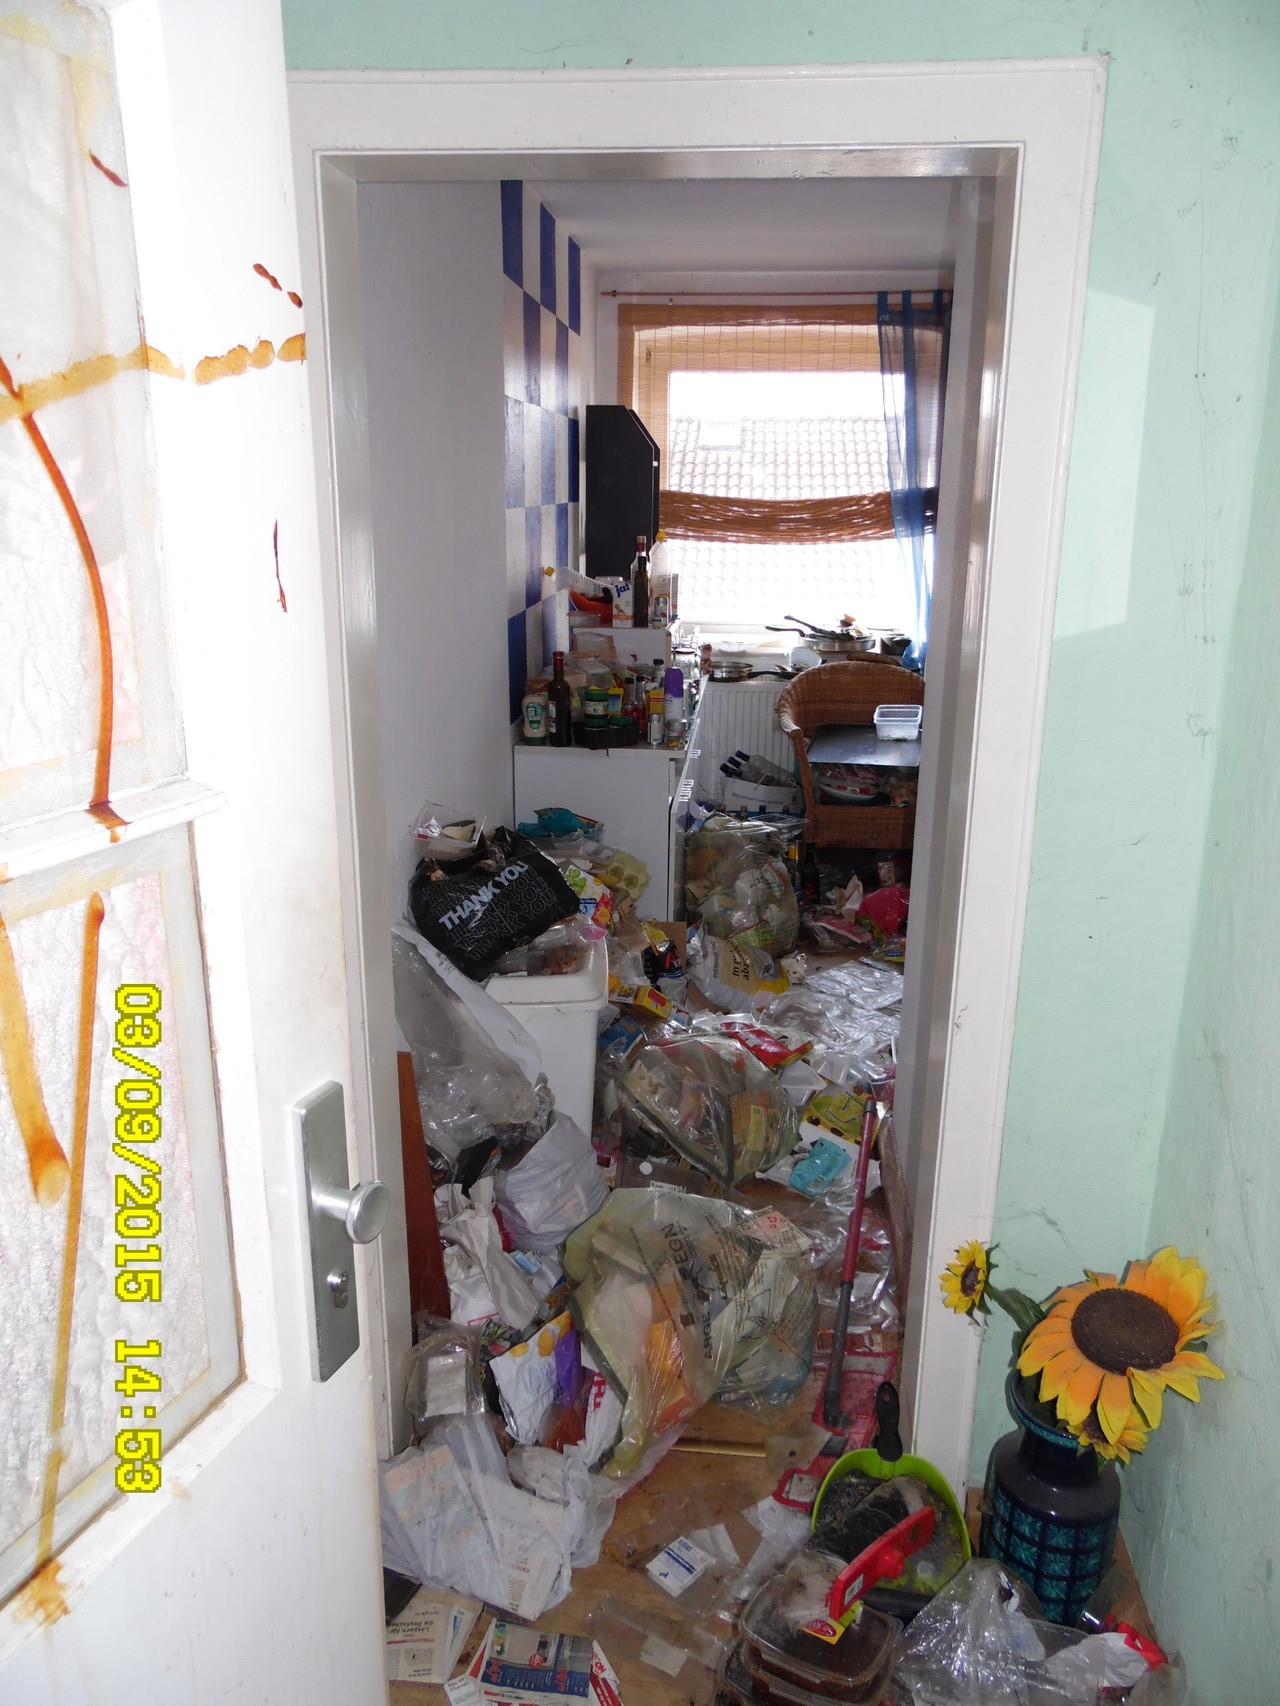 Leicht verschmutzter Eingangsbereich, keine Angst das ist nur Soße und Ei an der Tür.